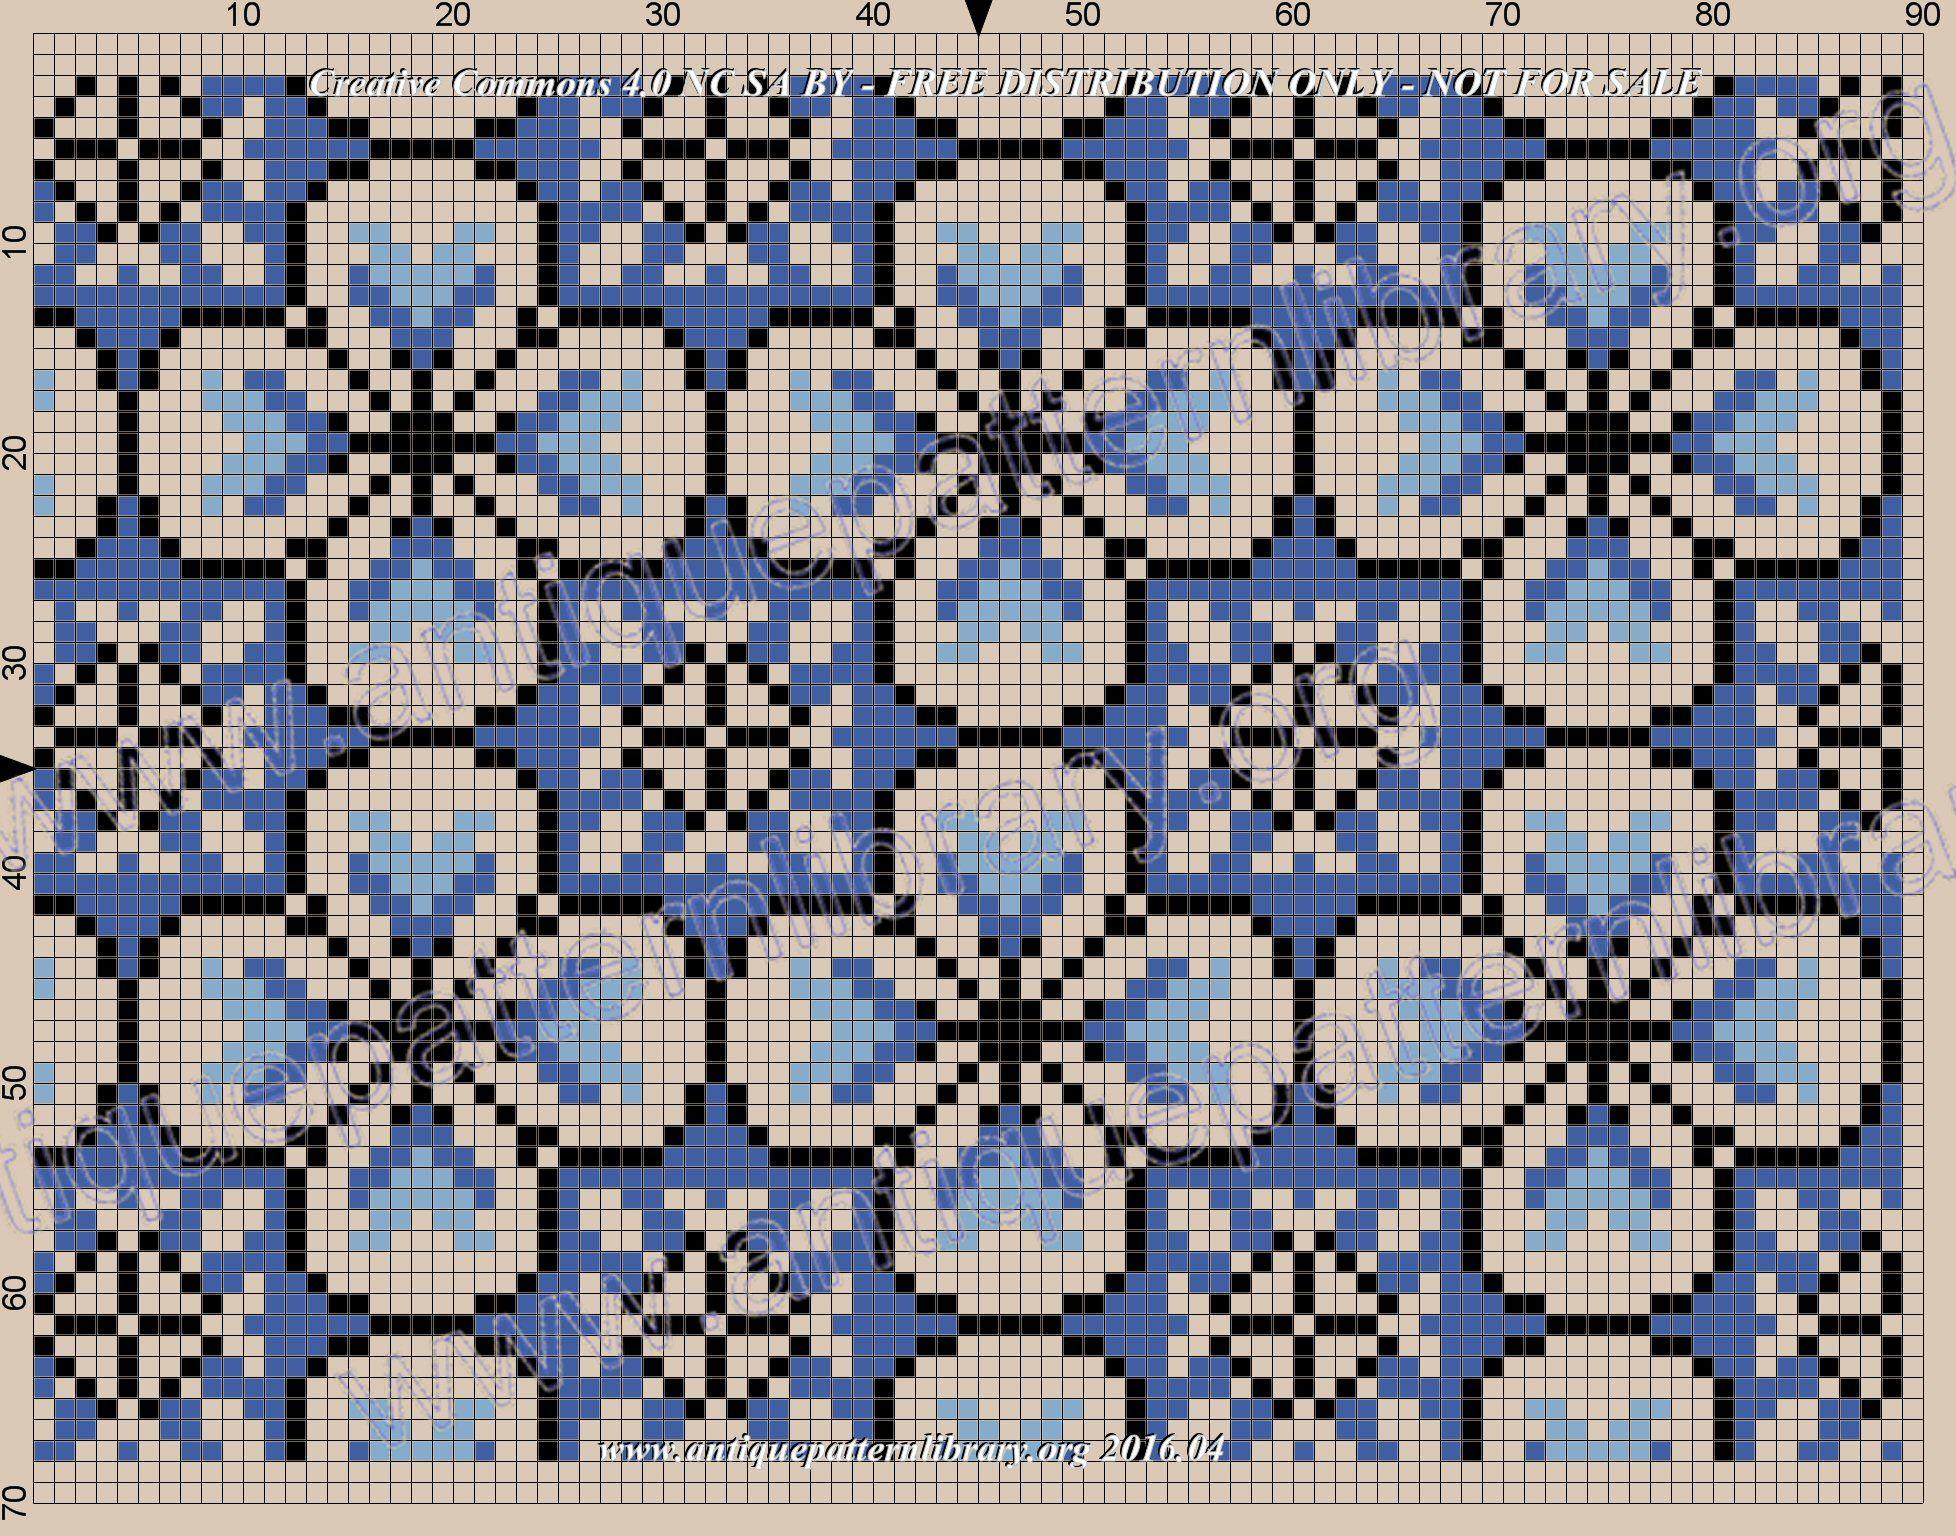 Pin von Wave auf Cross Stitch | Pinterest | Kreuzstichmuster